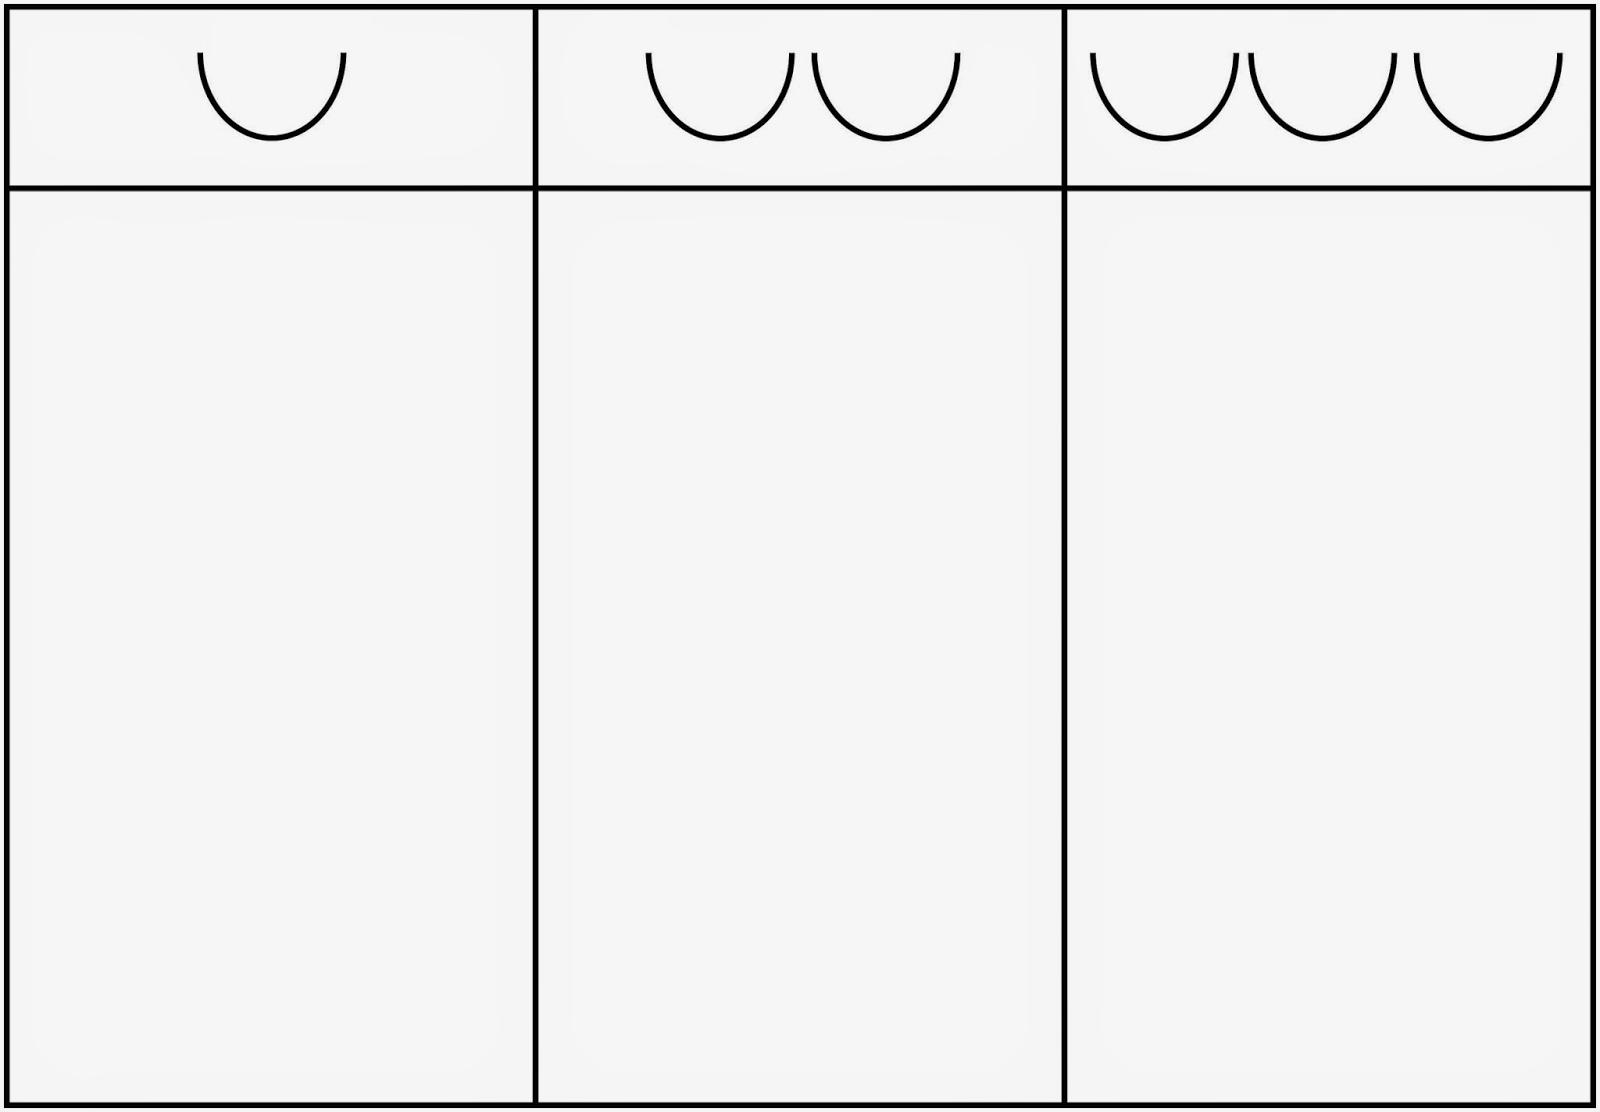 Lernstübchen: Silben klatschen